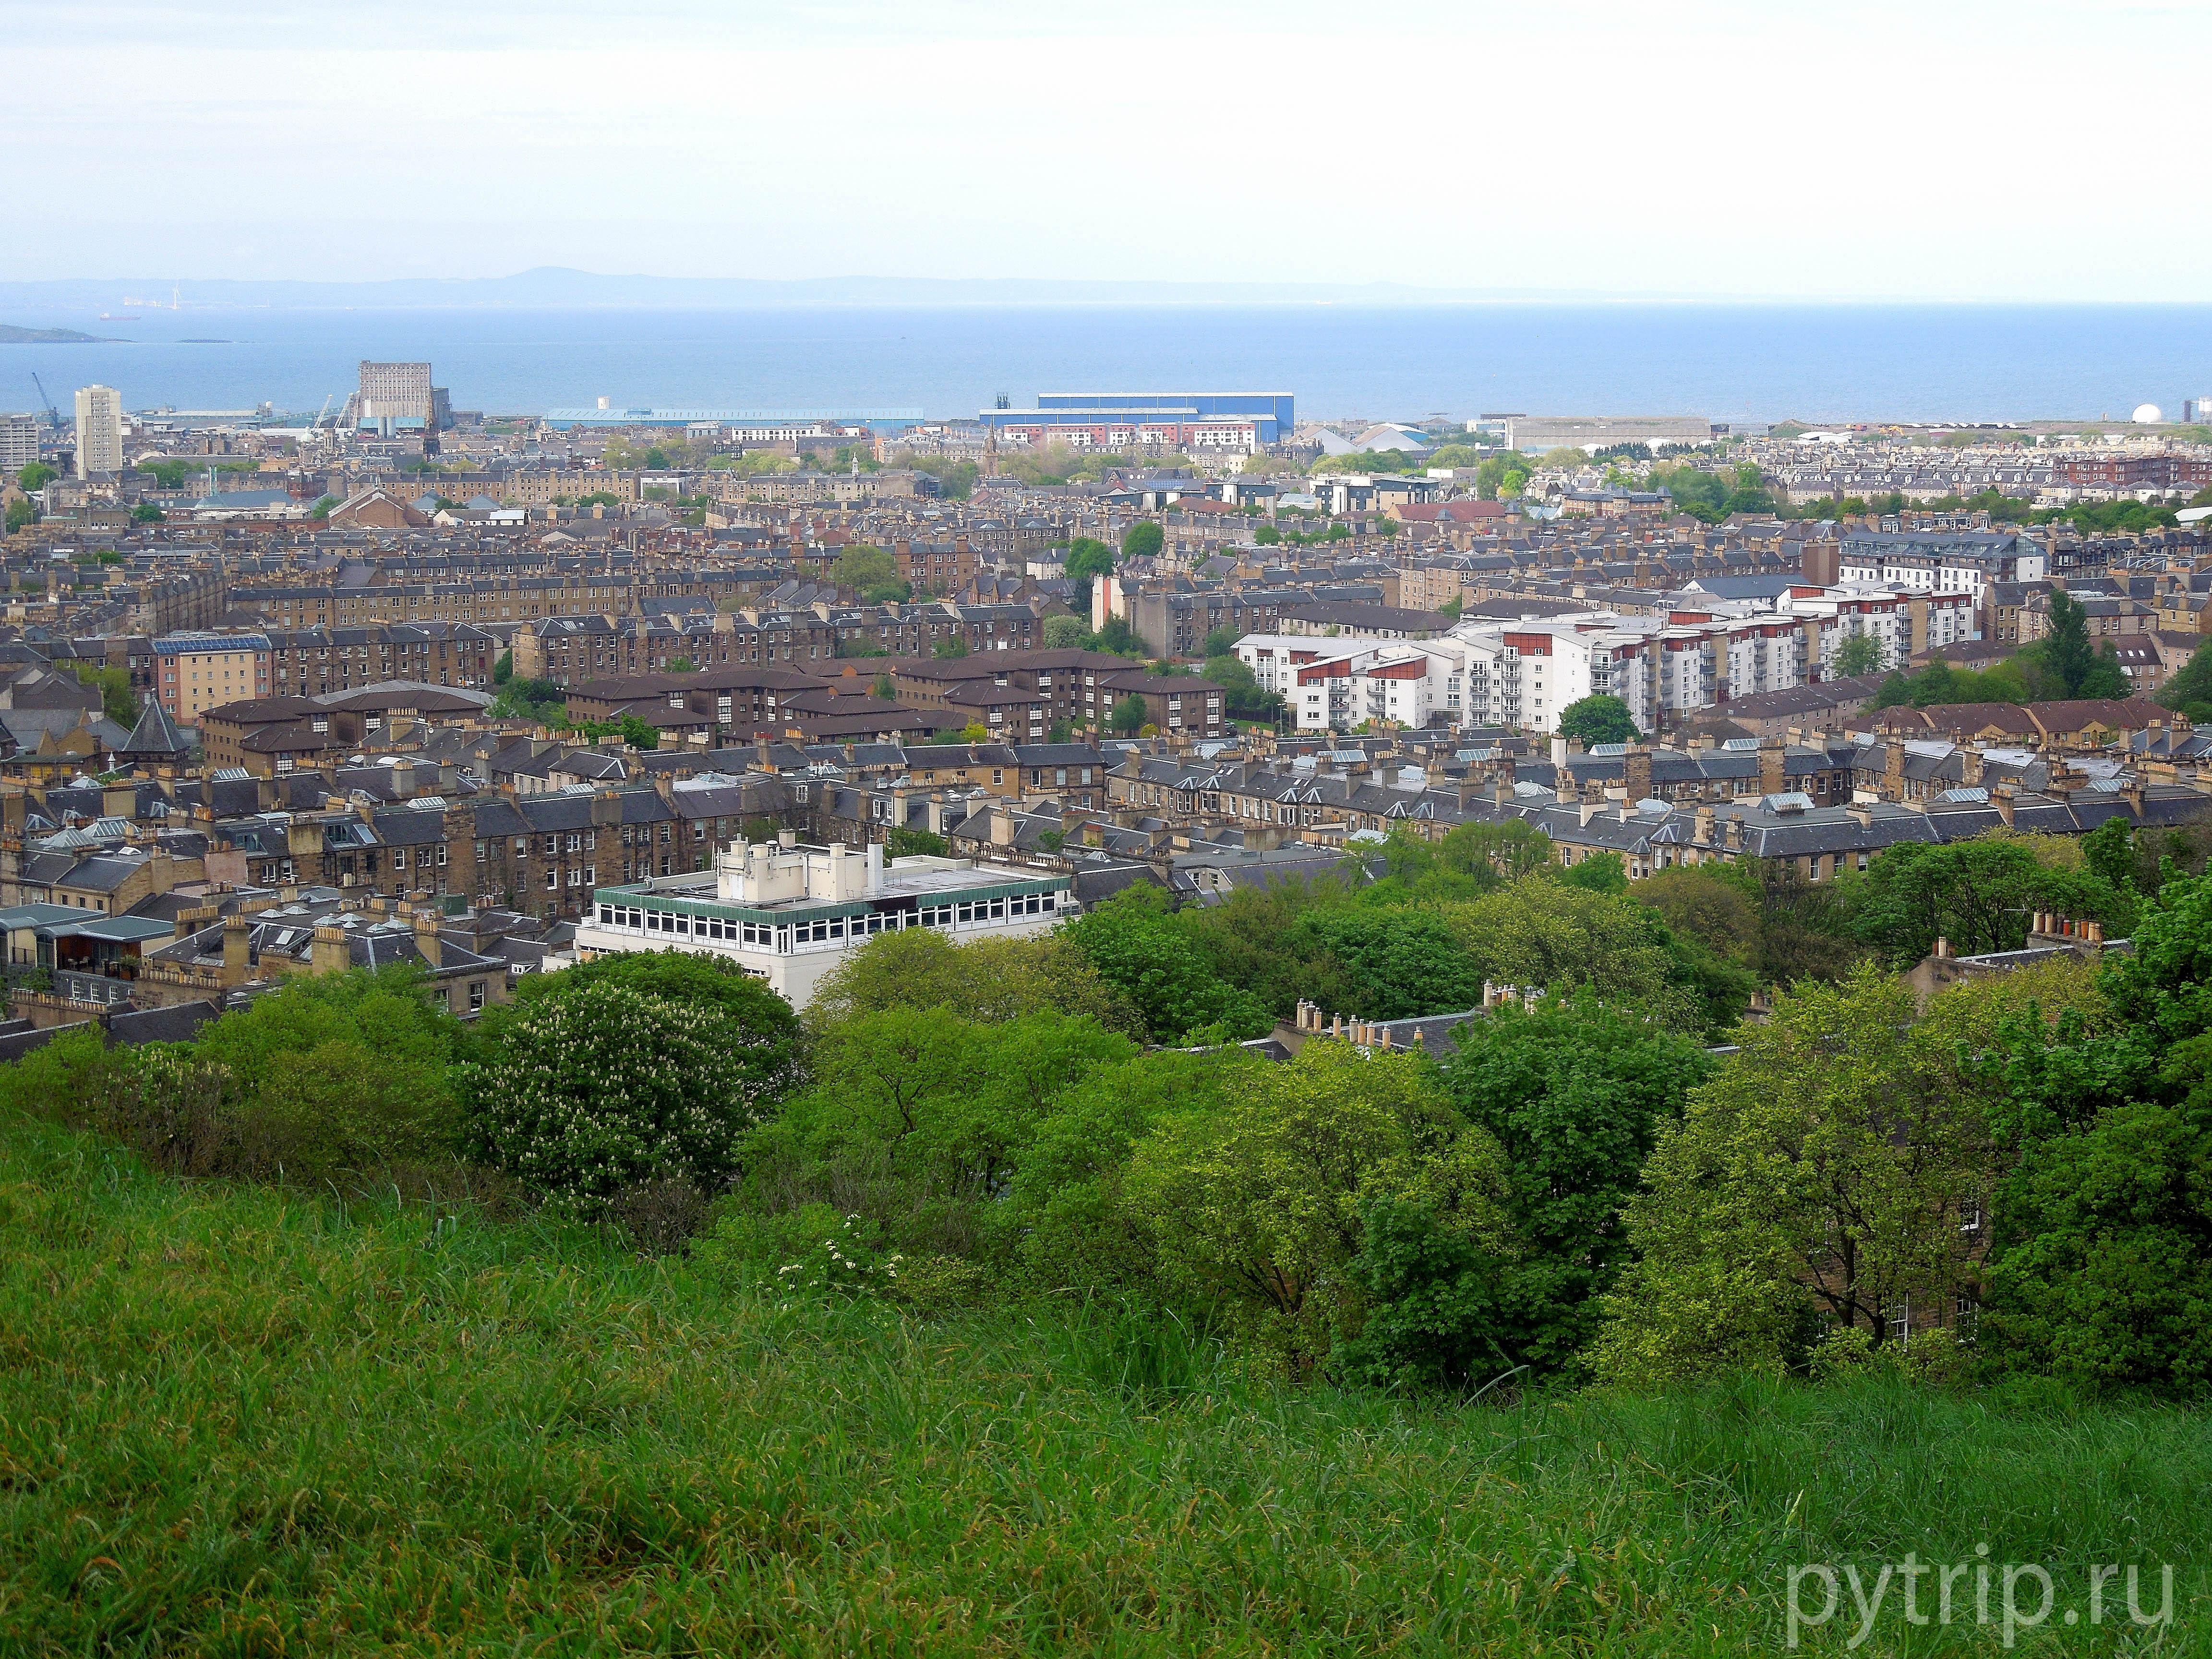 Вид на город с Калтон Хилл